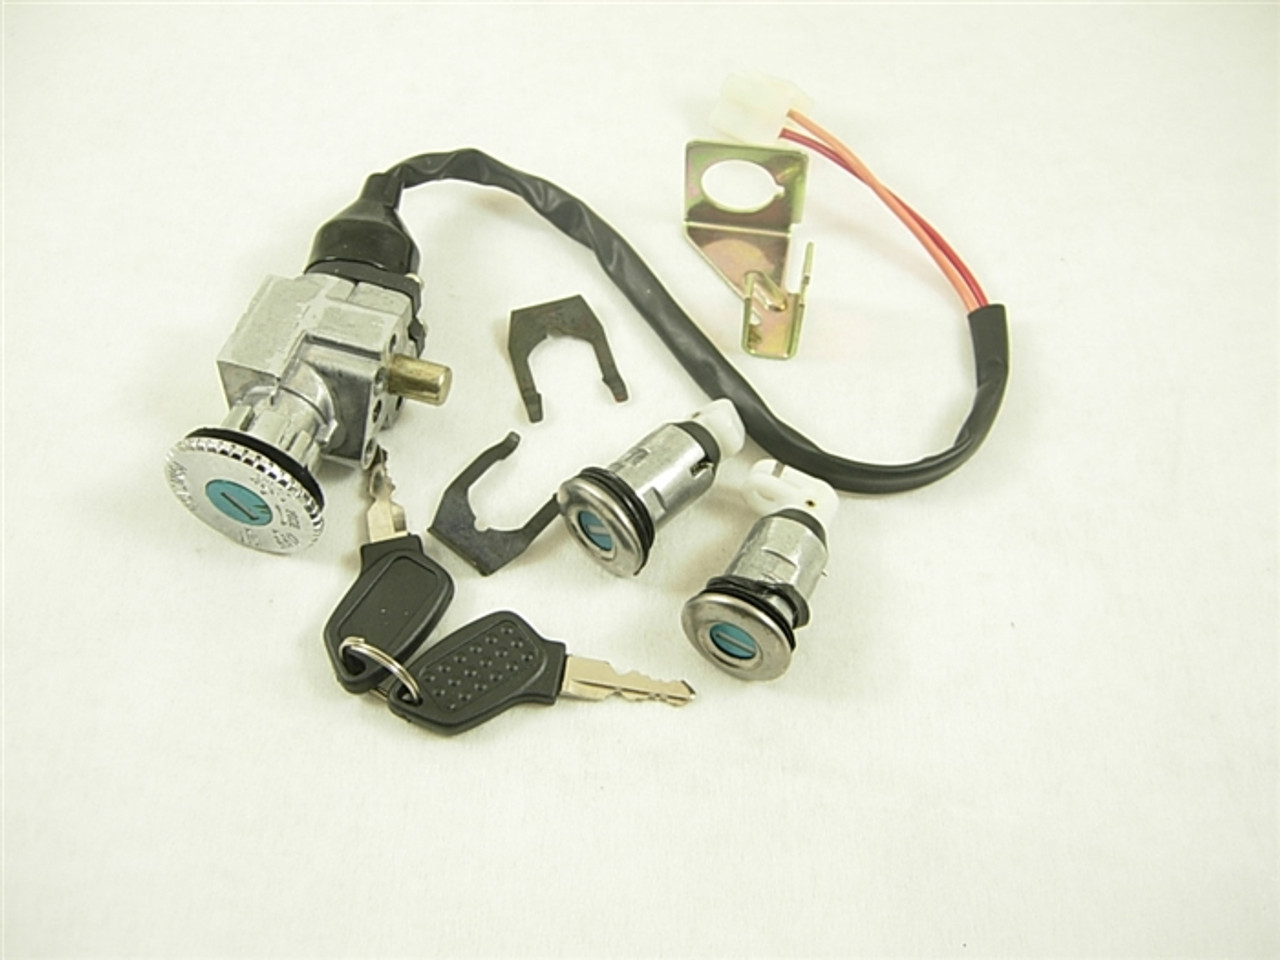 ignition switch/key 11048-a59-4